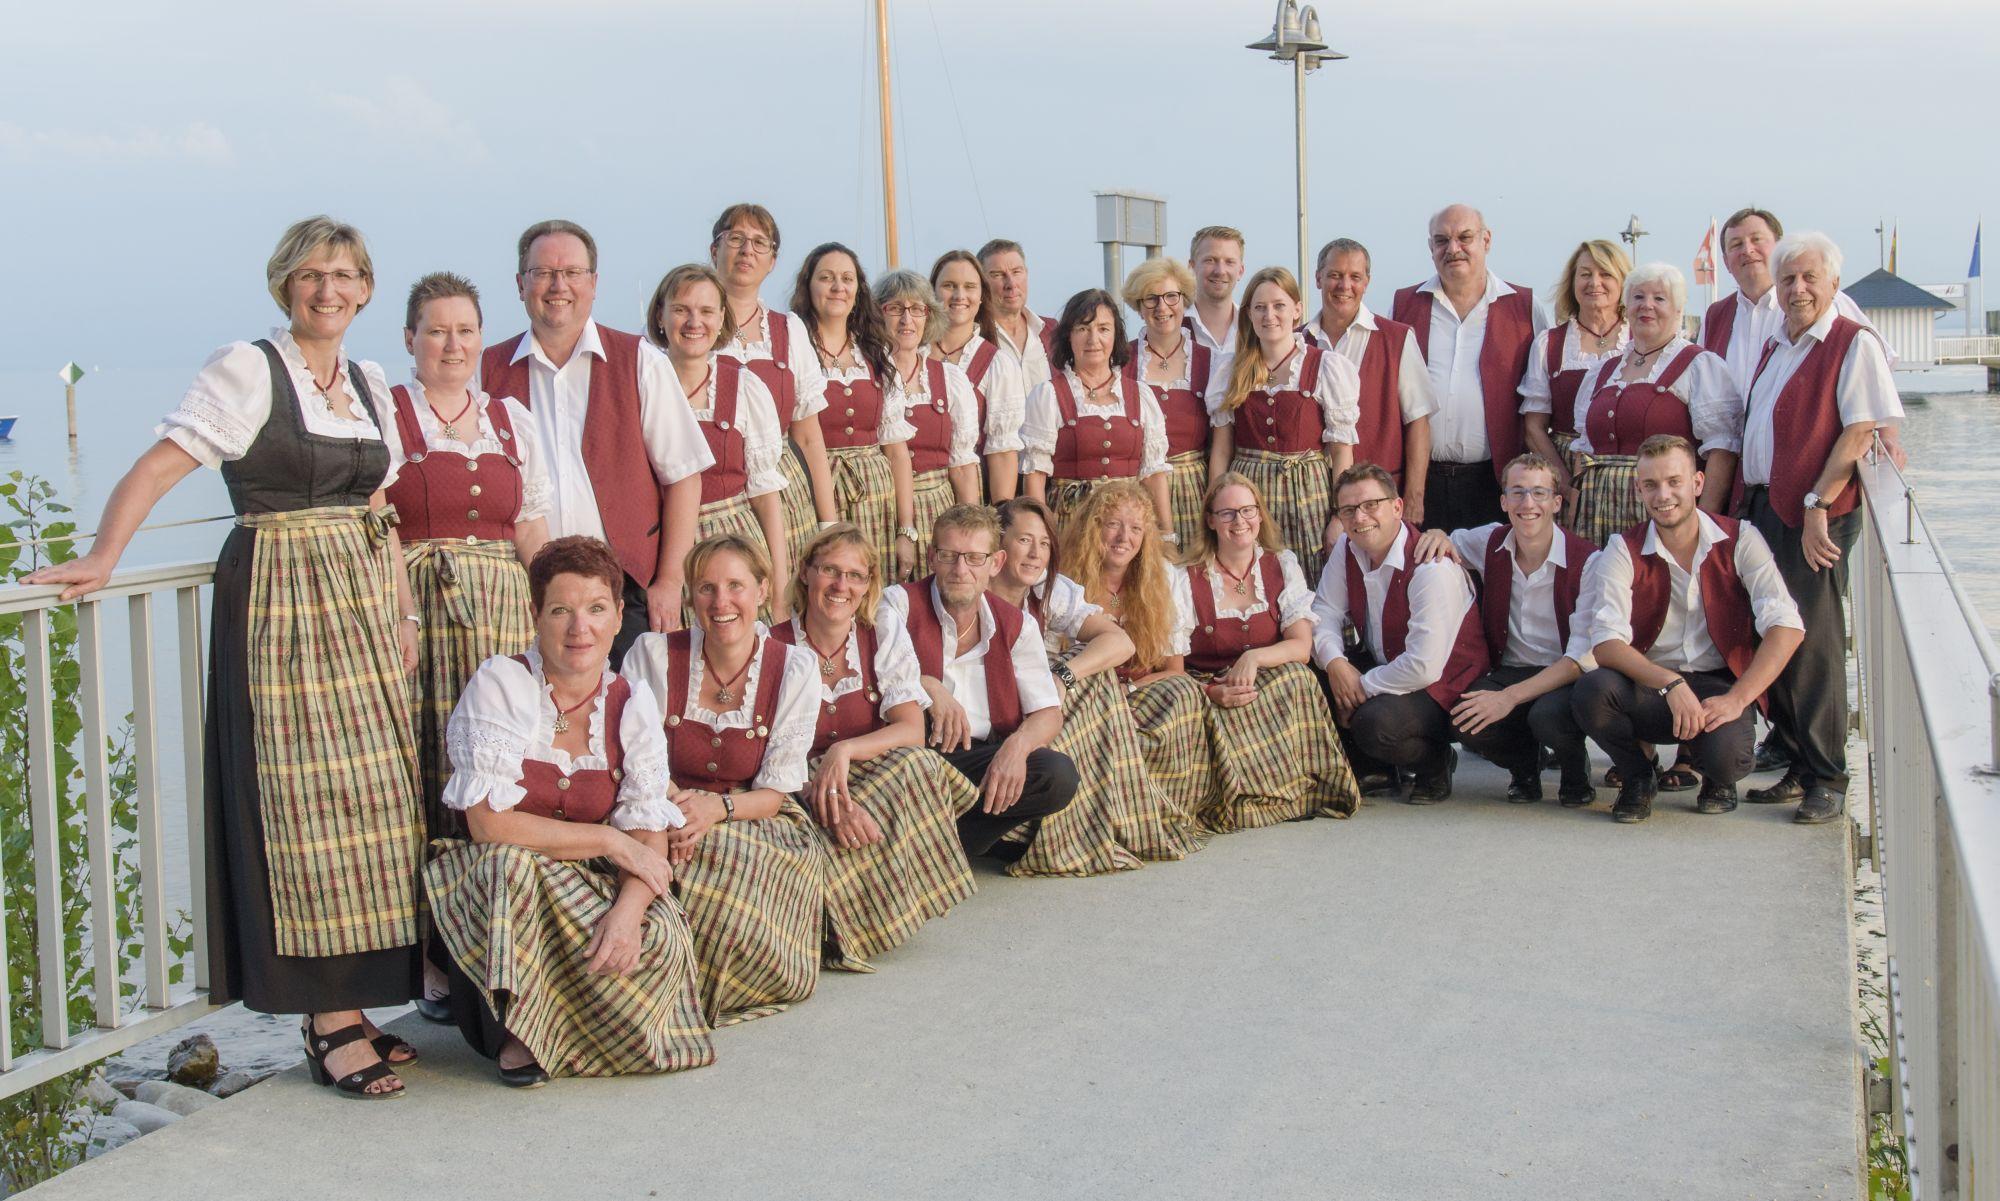 Bodensee-Akkordeon-Orchester Fiorini